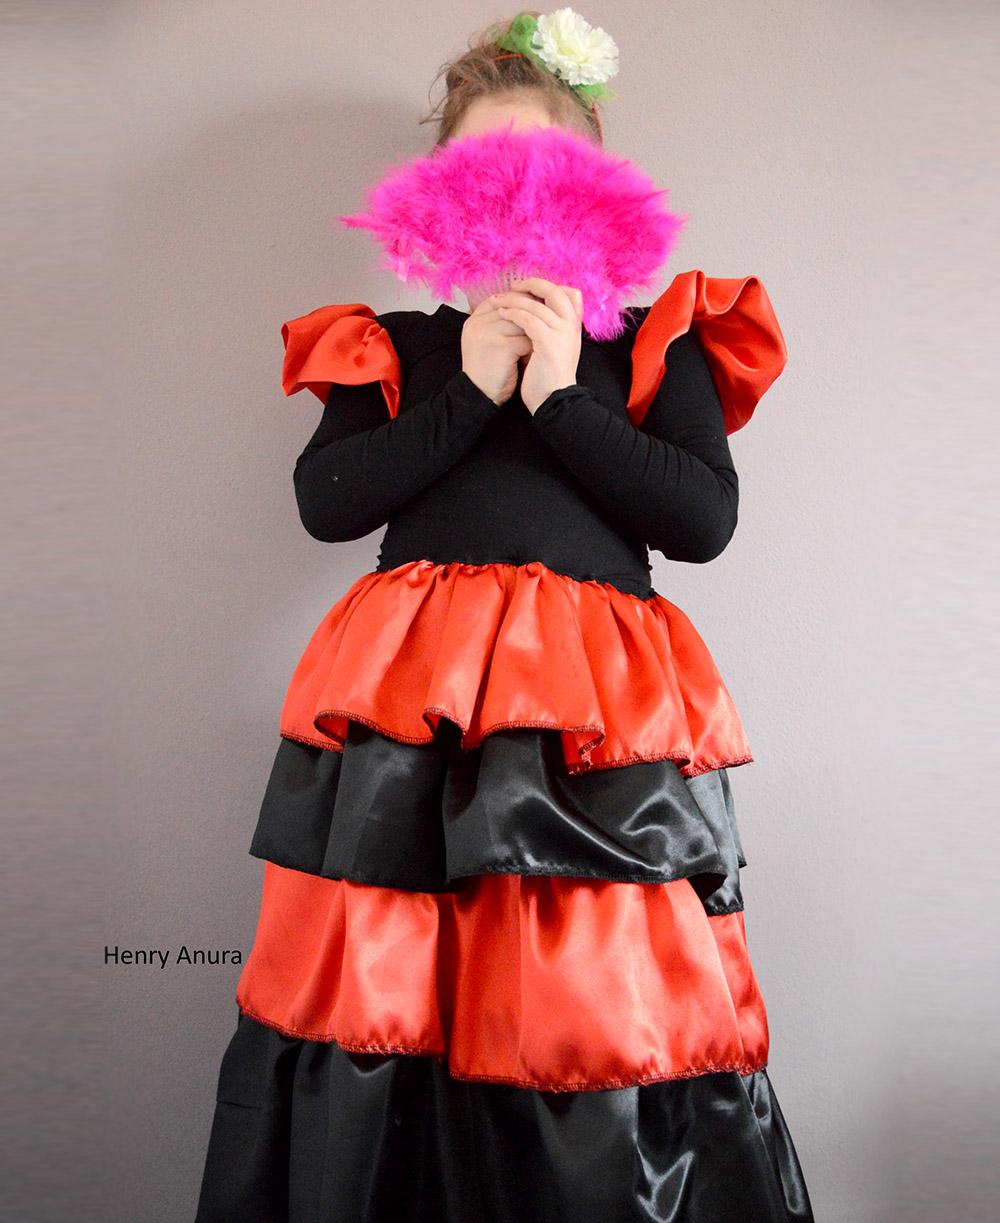 Flamenco-Kleid Kinderschnittmuster, Designbeispiel von Henry Anura